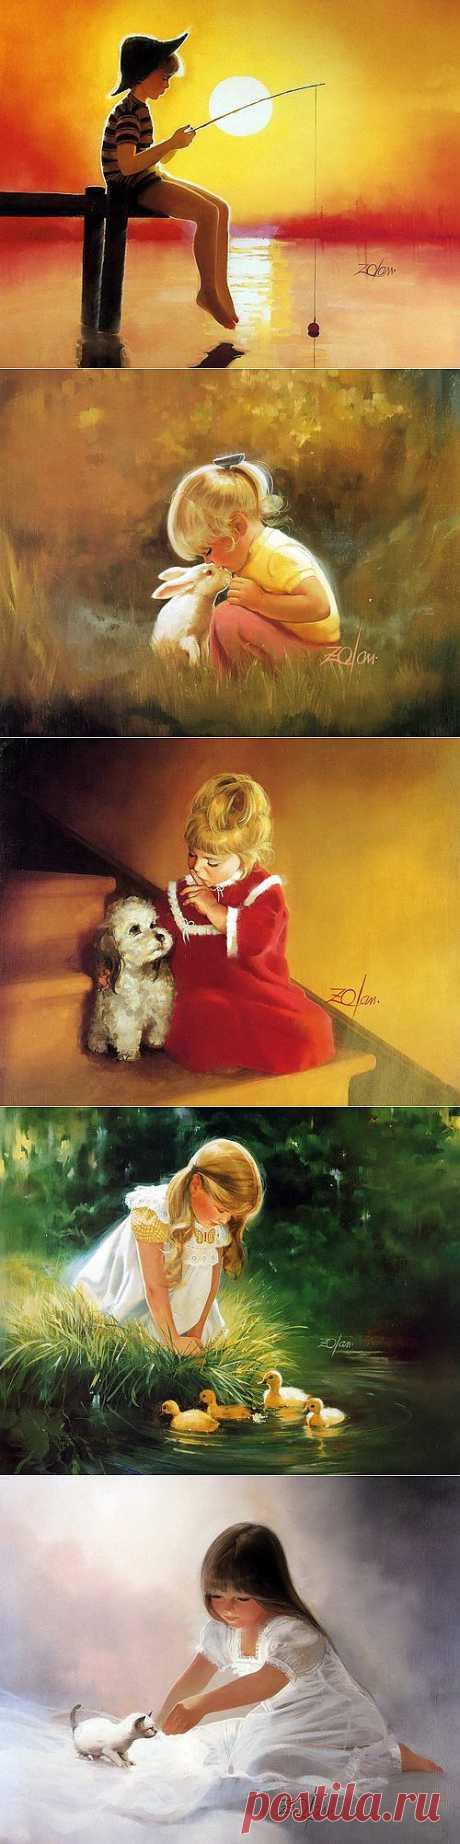 Счастливое и беззаботное детство на картинах Дональда Золана (Donald Zolan) - Ярмарка Мастеров - ручная работа, handmade